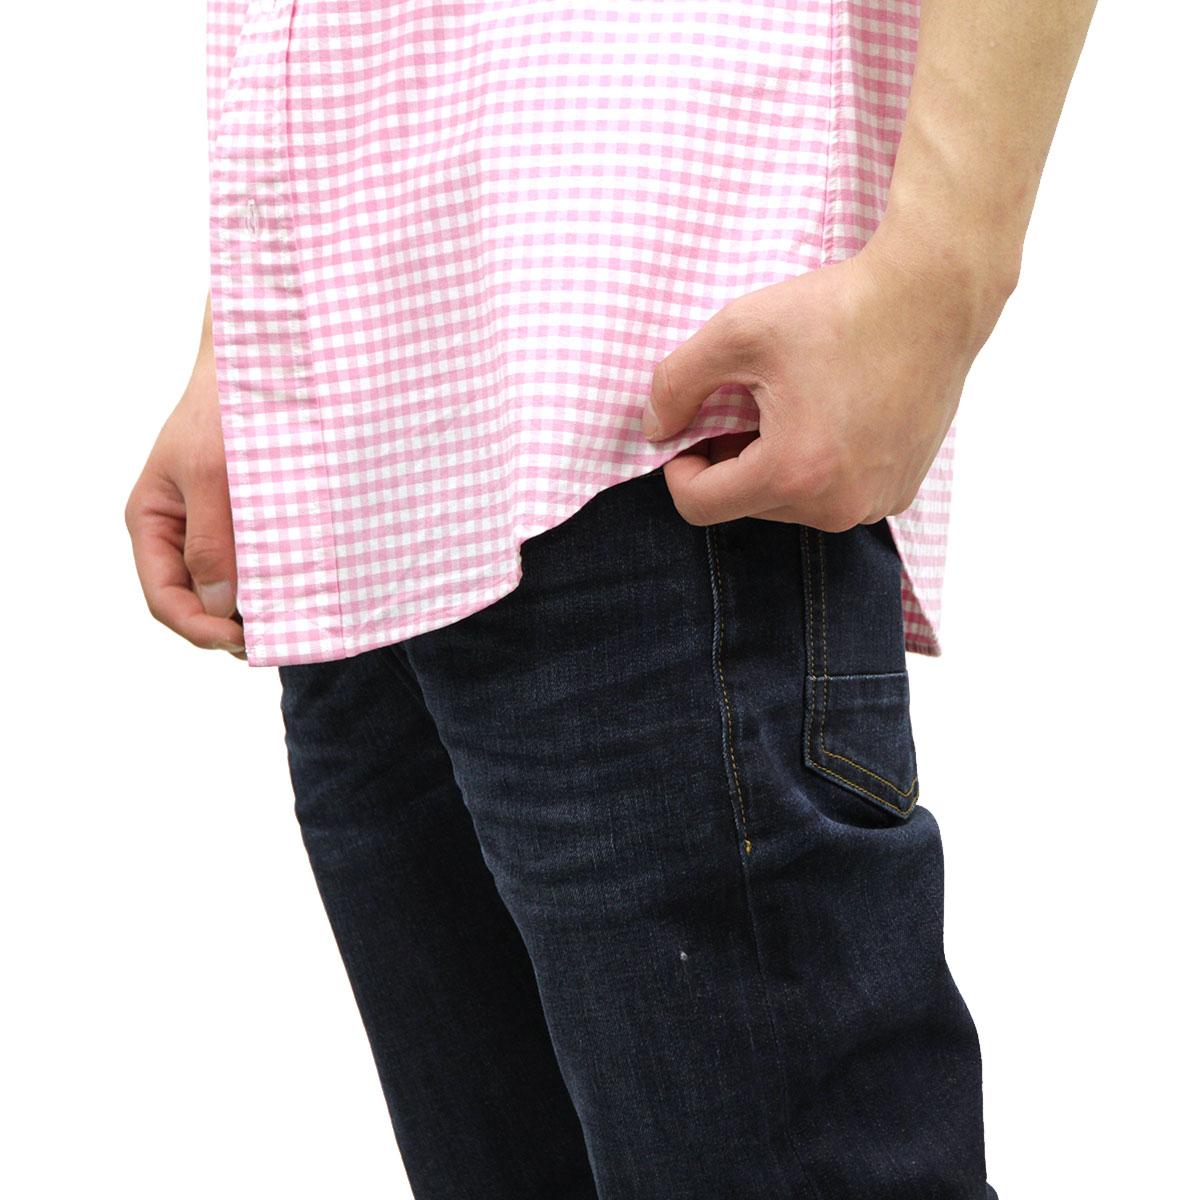 907d365470d Polo Ralph Lauren shirt men's regular article POLO RALPH LAUREN short  sleeves shirt button-down shirt Custom-Fit Short-Sleev